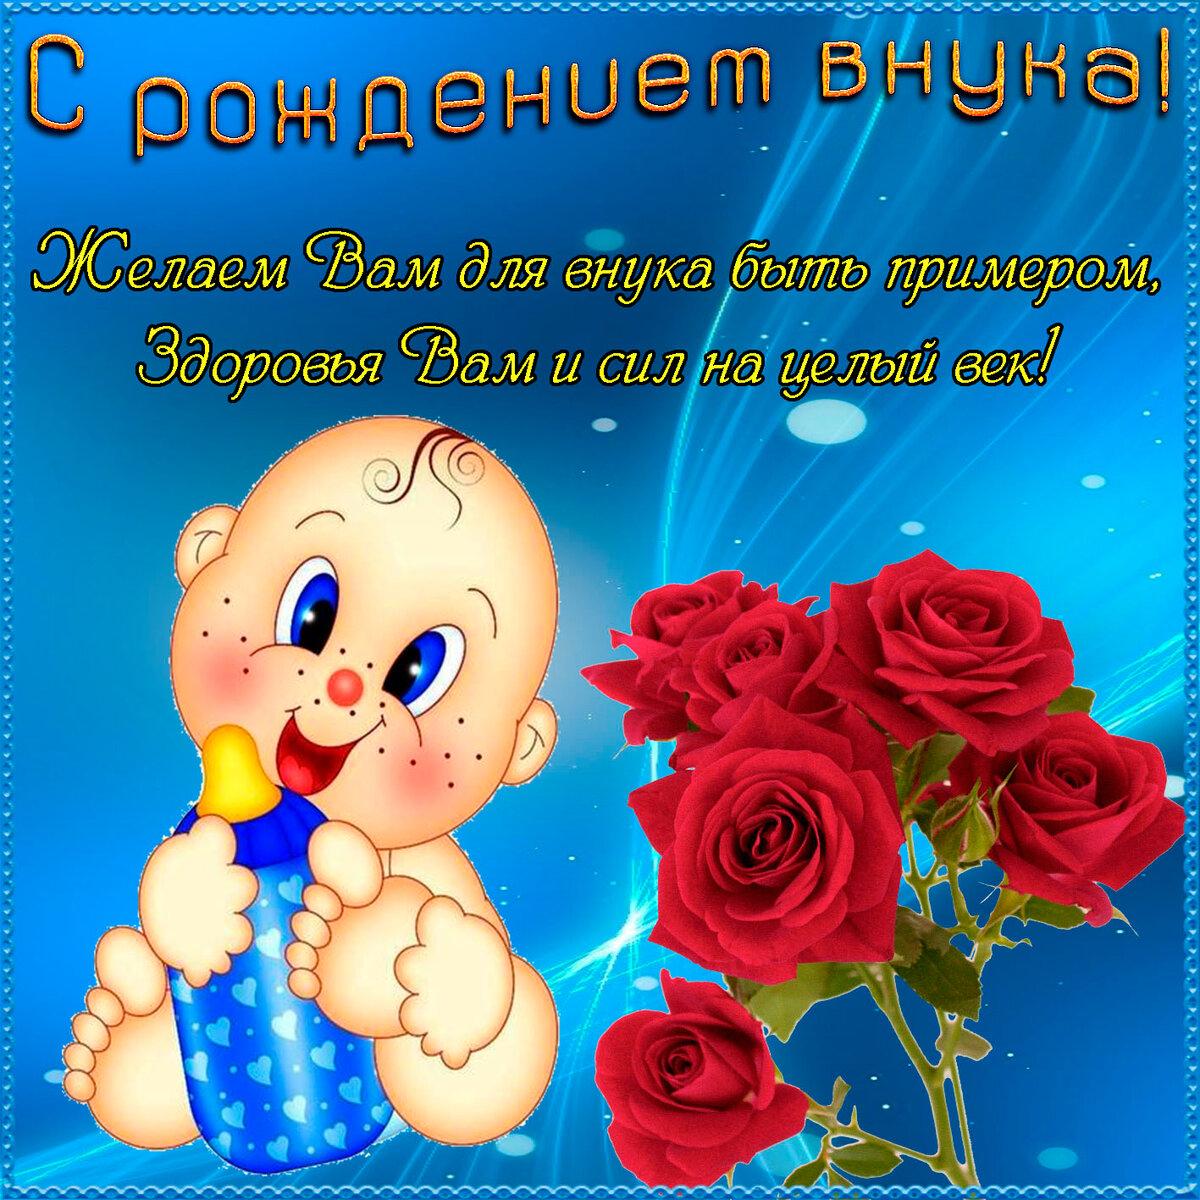 Поздравление с рождение внука дедушке открытка